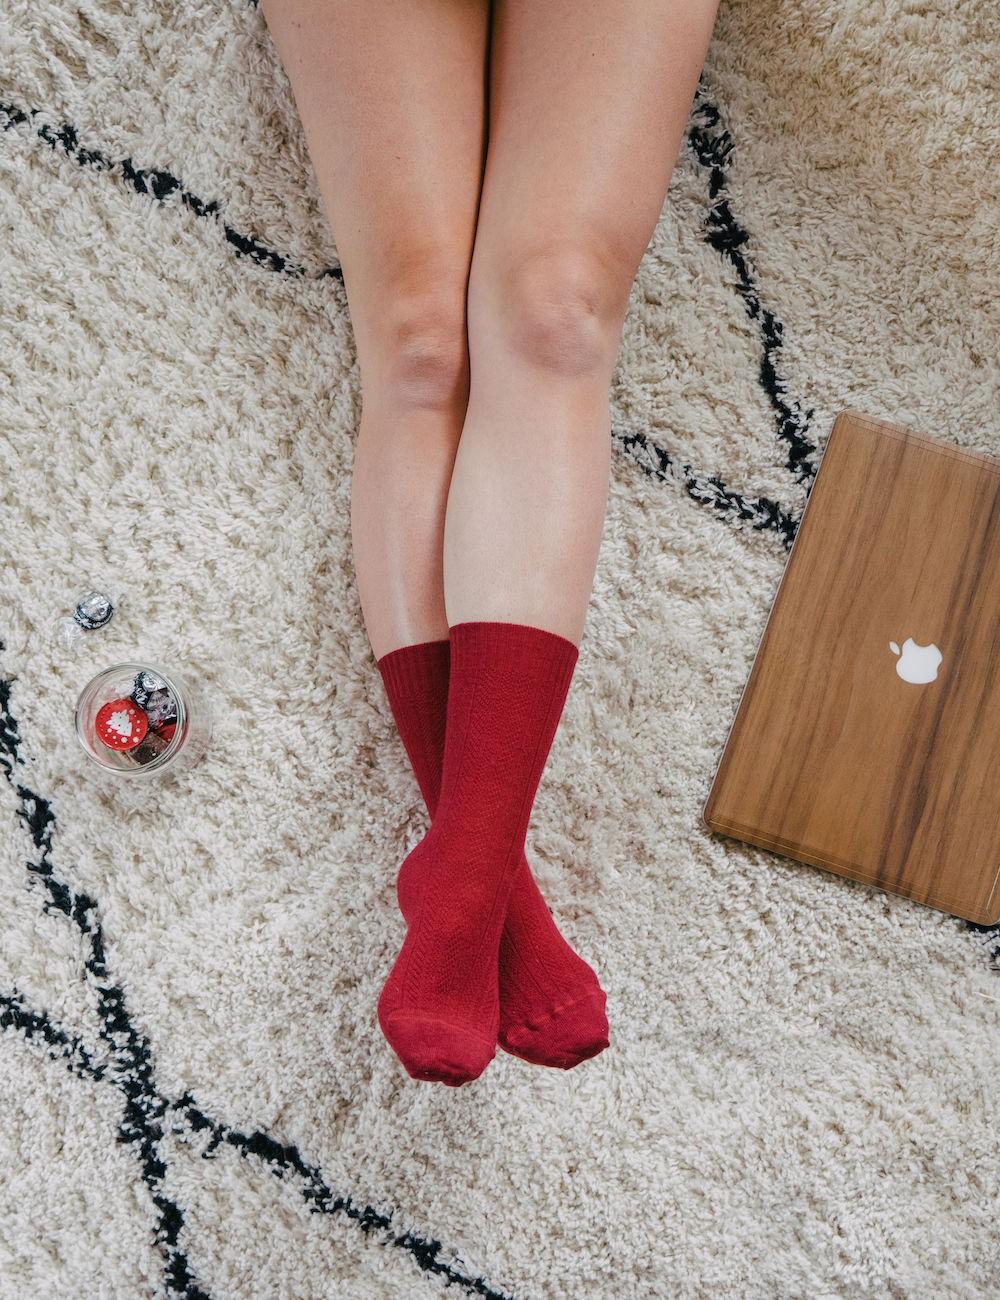 Les chaussettes parfaites - non comprimantes, sans élastique, thermorégulatrices, chaussettes  en laine peignée Skye rouges